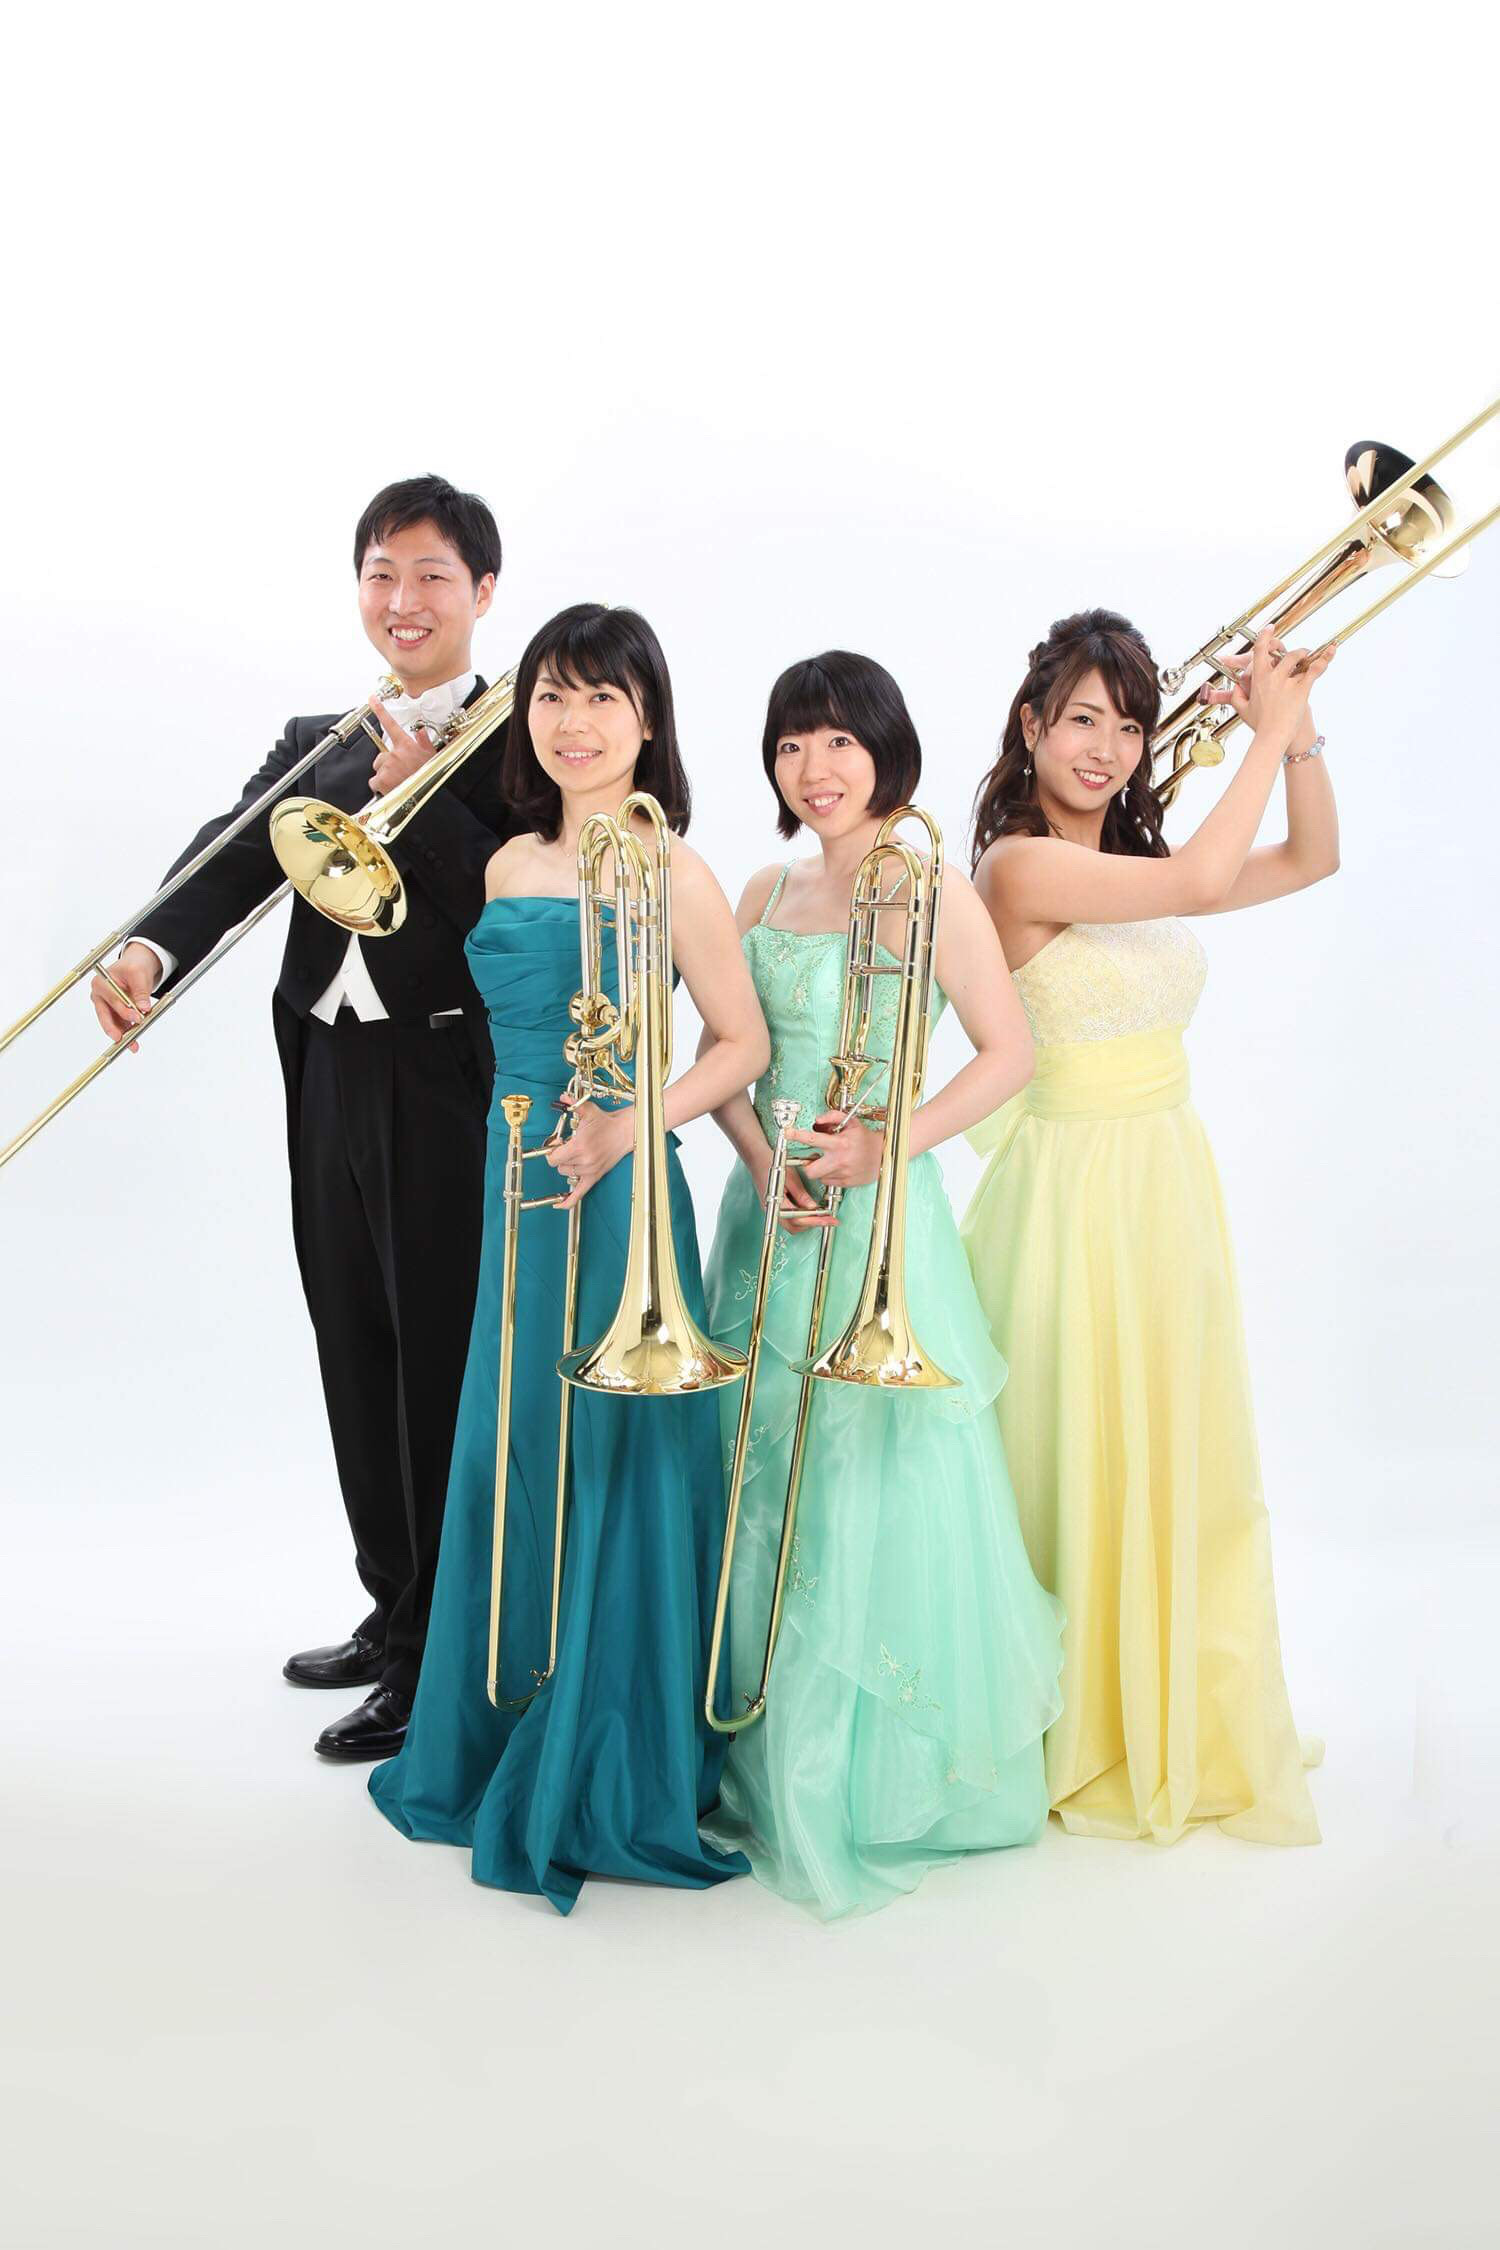 Lumiere Trombone Quartetルミエール・トロンボーン・カルテット